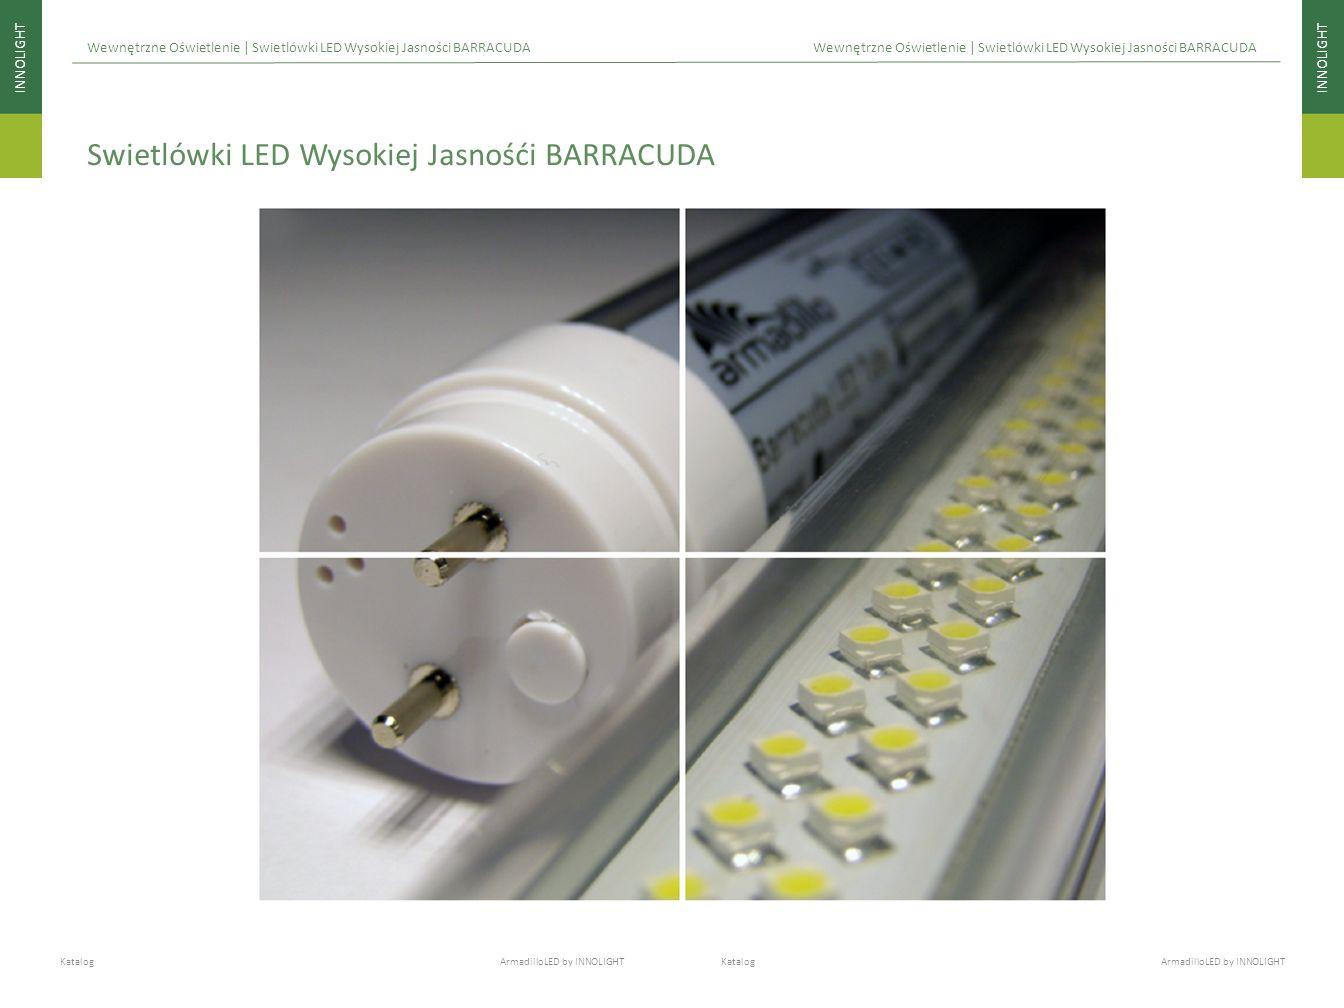 INNOLIGHT Katalog ArmadilloLED by INNOLIGHT Wewnętrzne Oświetlenie | Swietlówki LED Wysokiej Jasności BARRACUDA Swietlówki LED Wysokiej Jasnośći BARRA